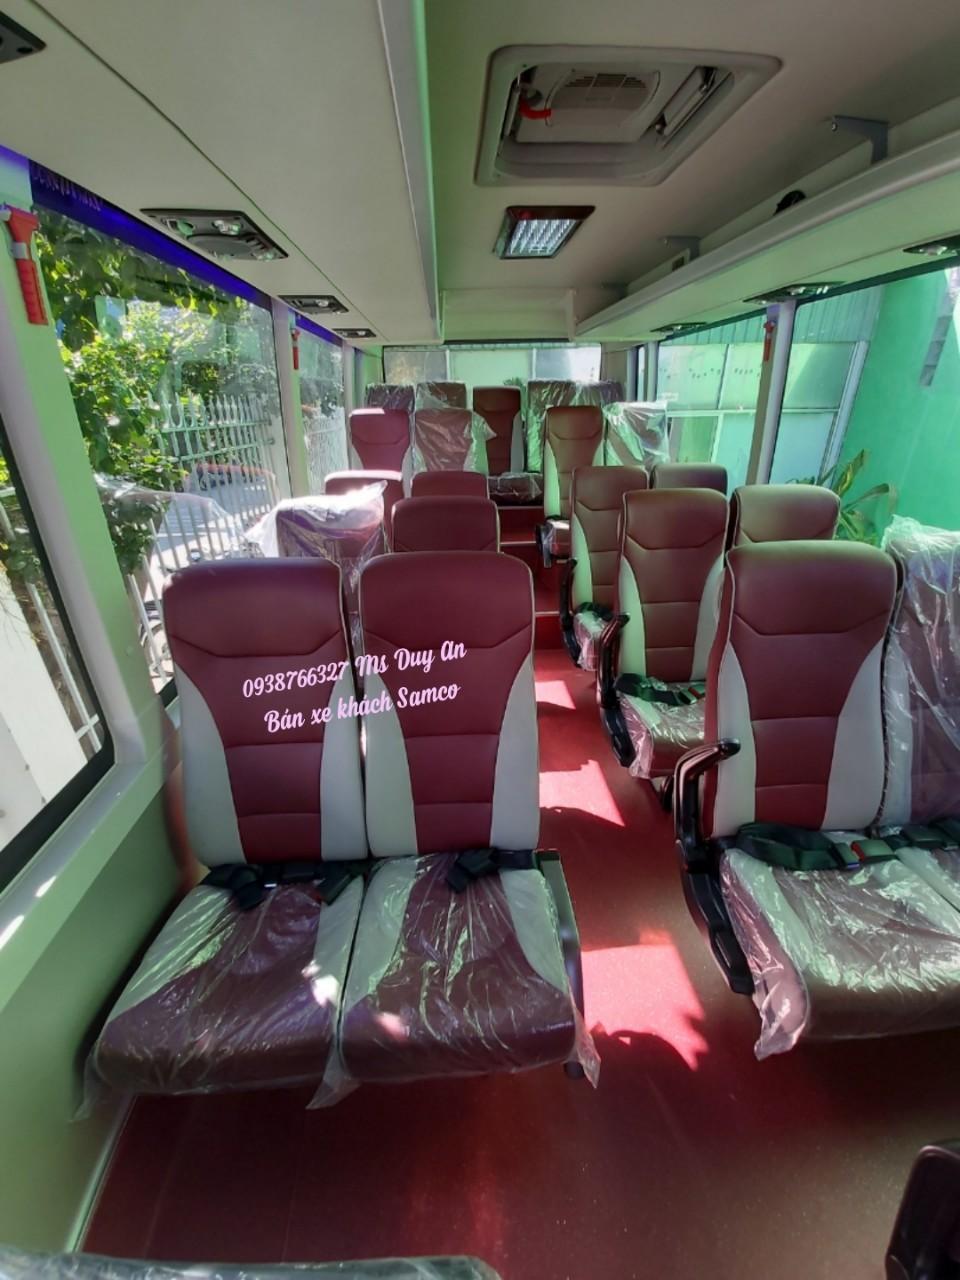 Bán xe khách Samco 29 chỗ ngồi động cơ Isuzu 5.2cc